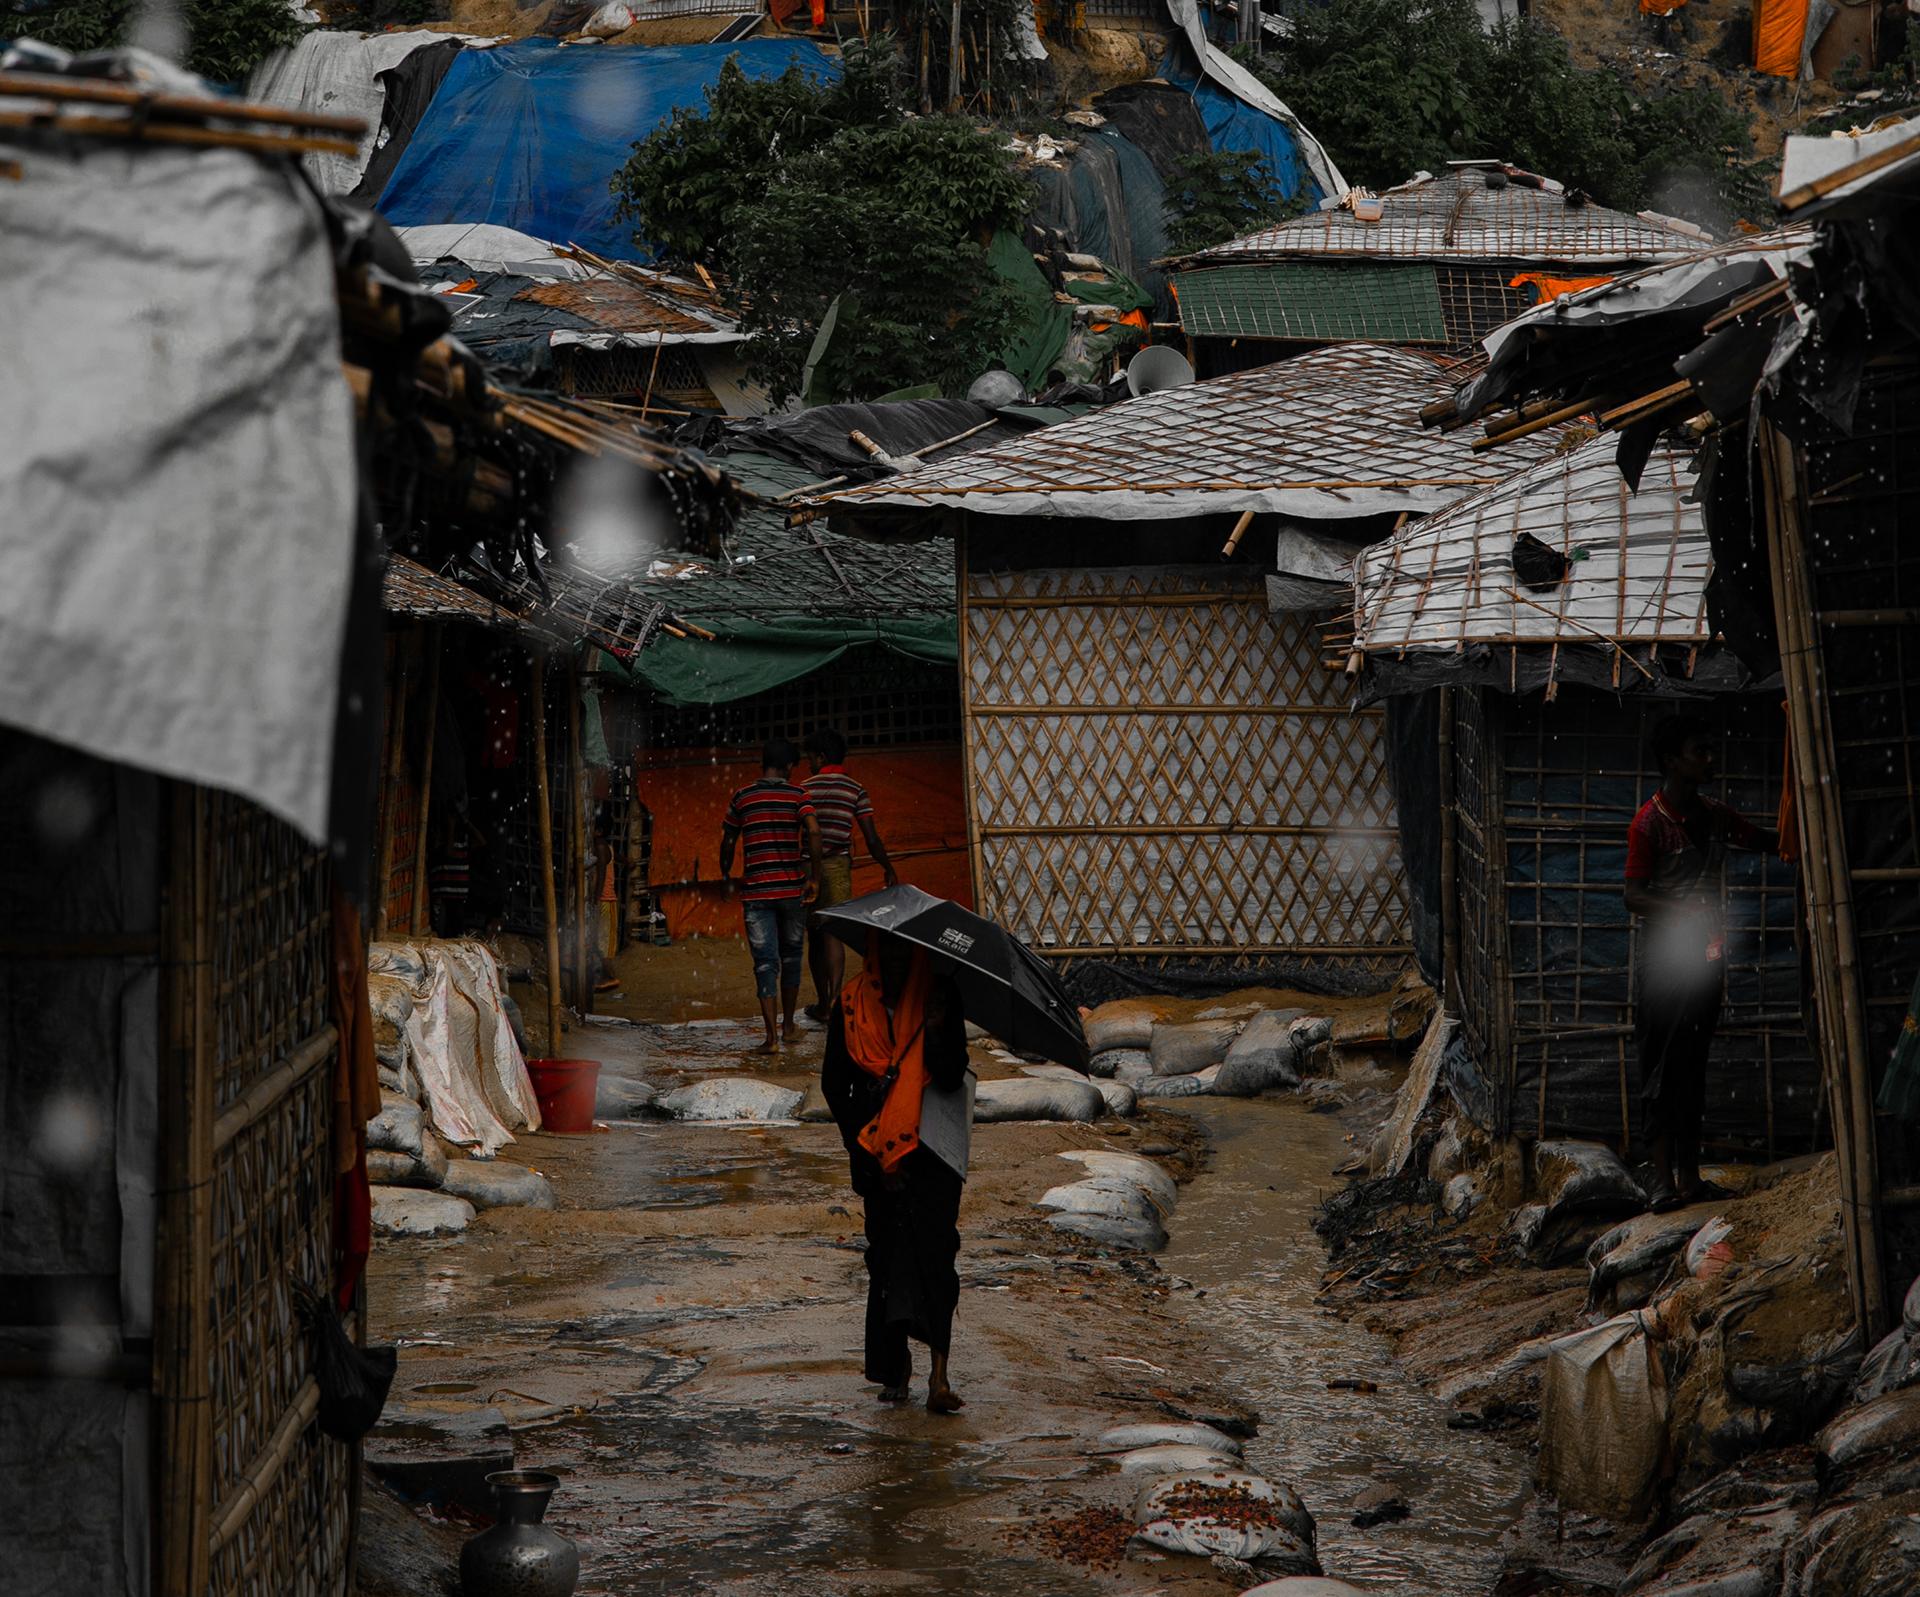 Lasten tukikierros tehtiin pakolaisleirillä monsuunikauden aikana.